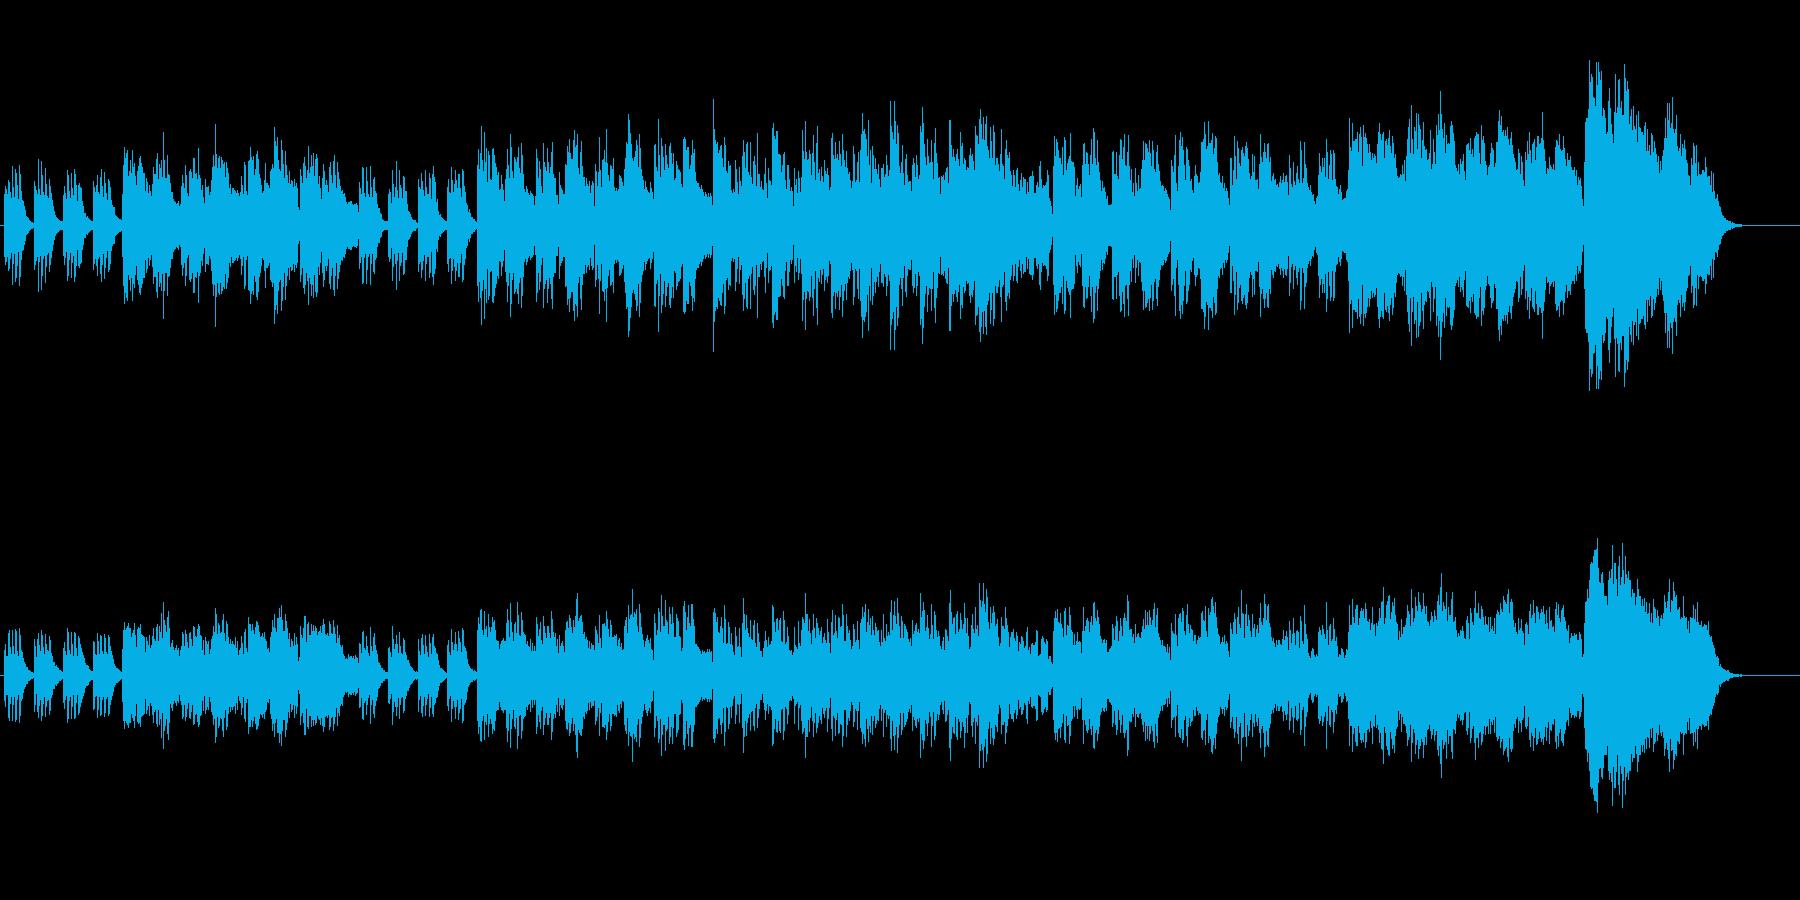 尺八風の音色で構築した邦楽サウンドの再生済みの波形